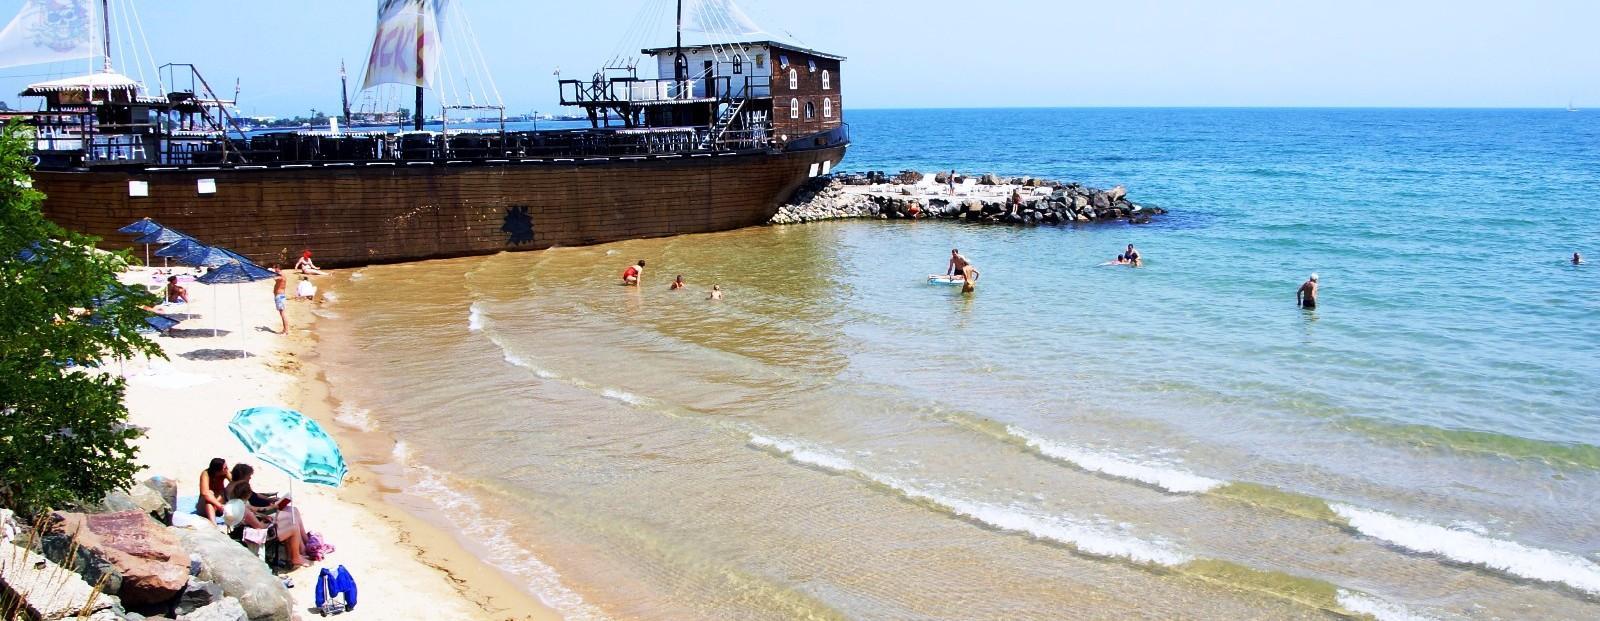 Лучшие пляжи Несебра